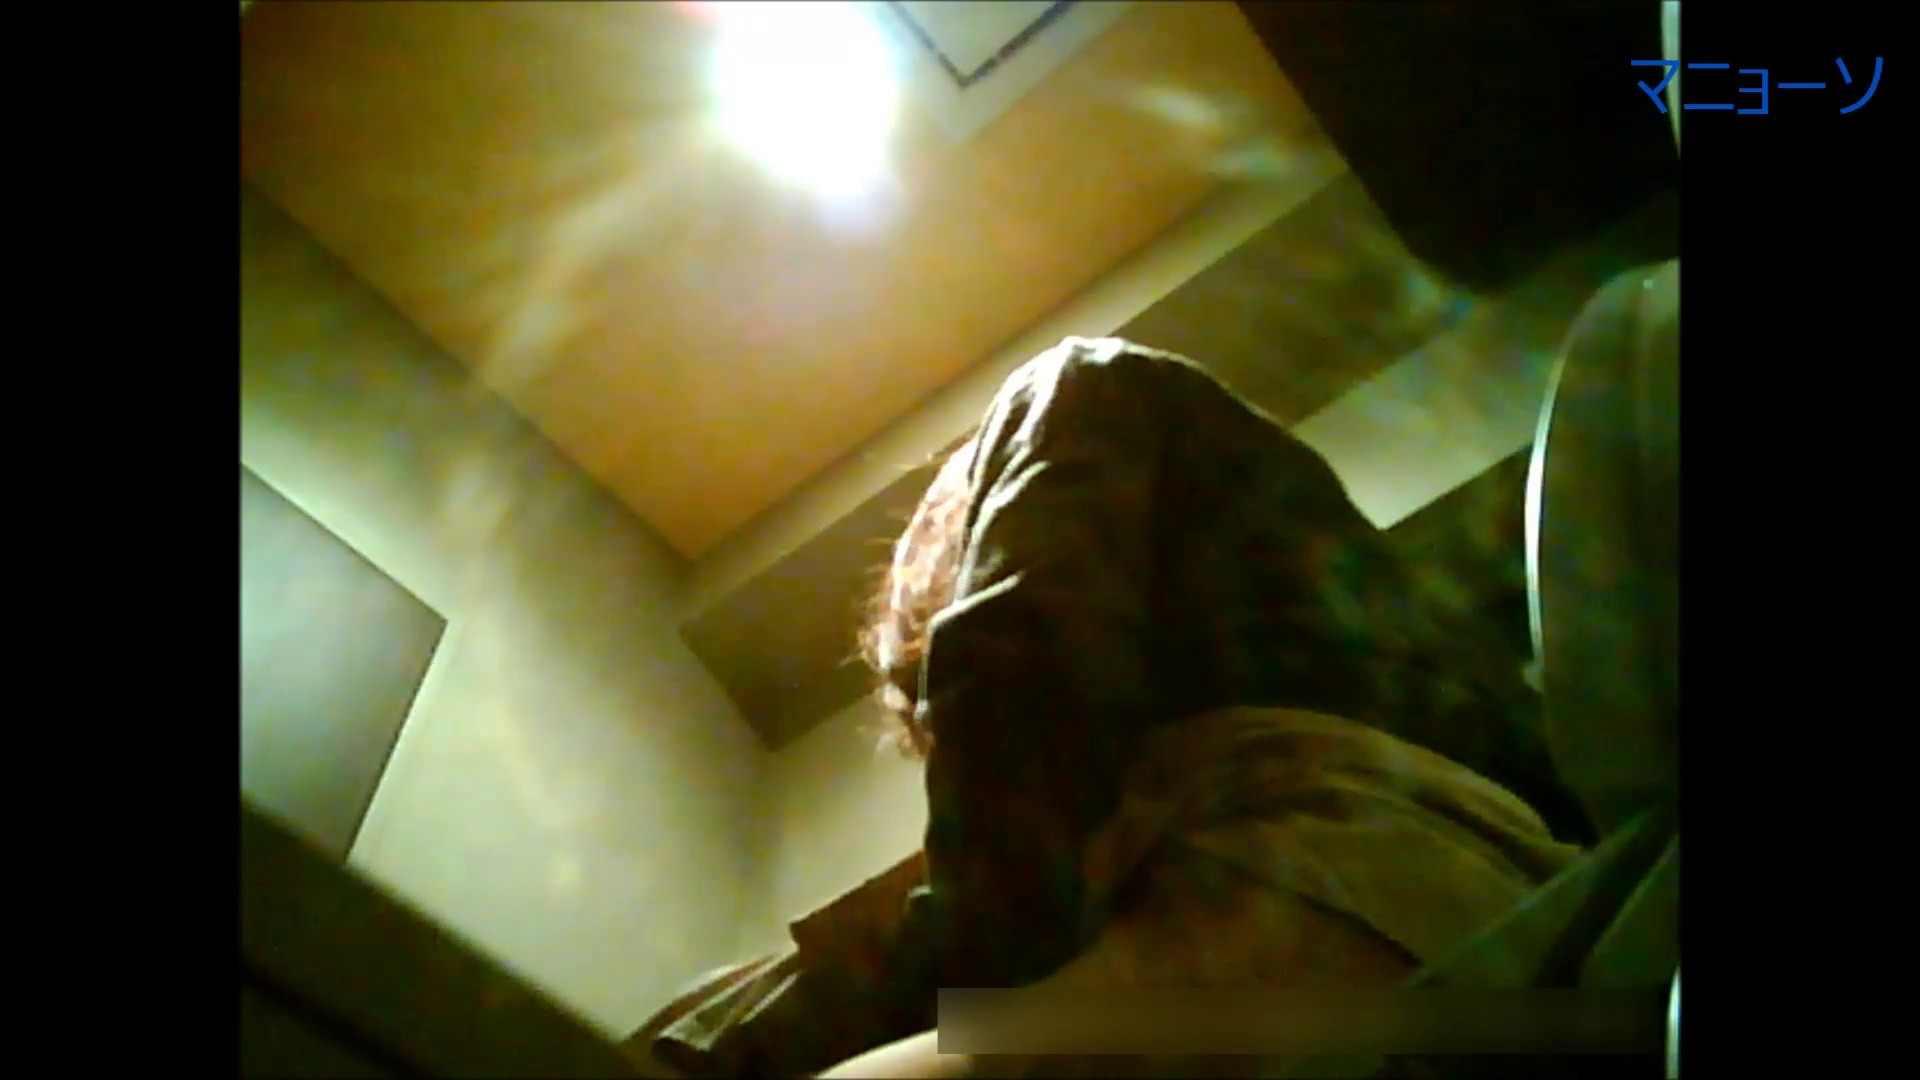 トイレでひと肌脱いでもらいました (JD編)Vol.01 トイレ  112PIX 71